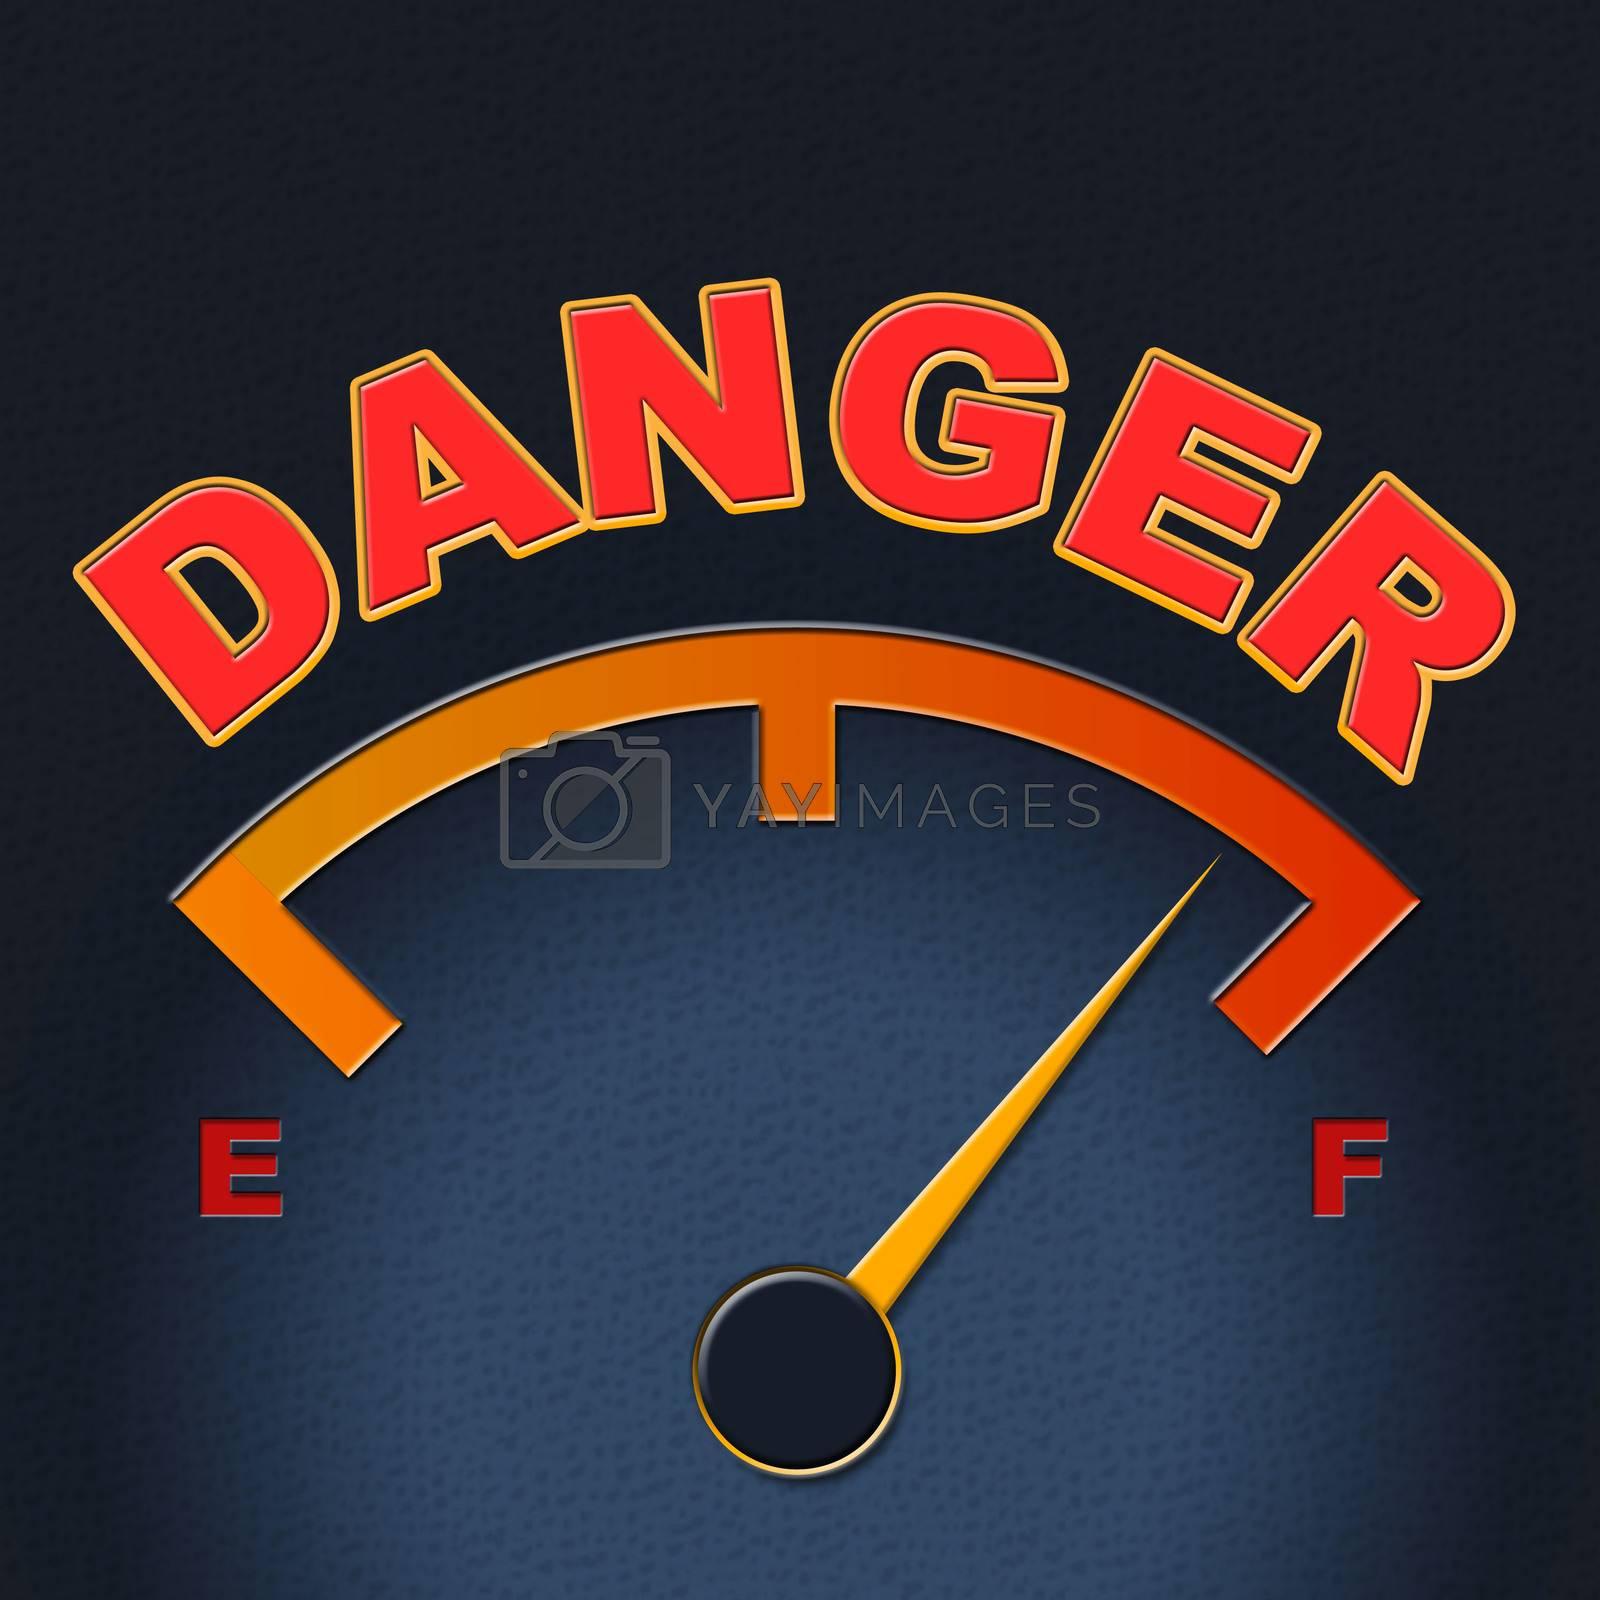 Danger Gauge Indicates Caution Dangerous And Measure by stuartmiles